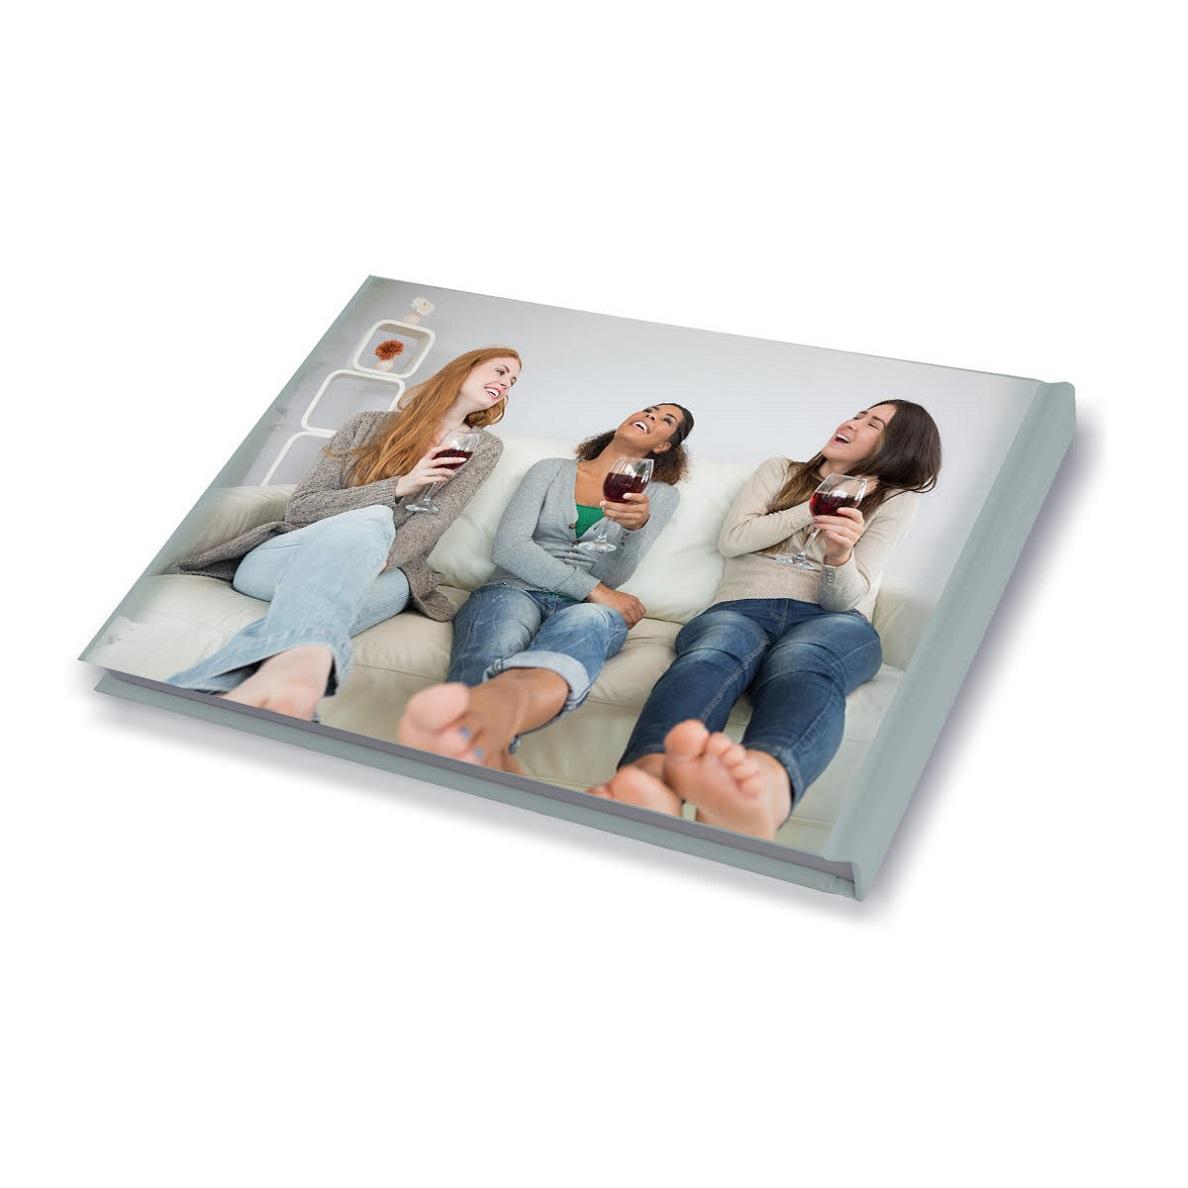 אלבום ברכות למסיבת רווקות A4 אנכי/פנורמי בכריכה קשה, 32 עמודים - תמונה 3